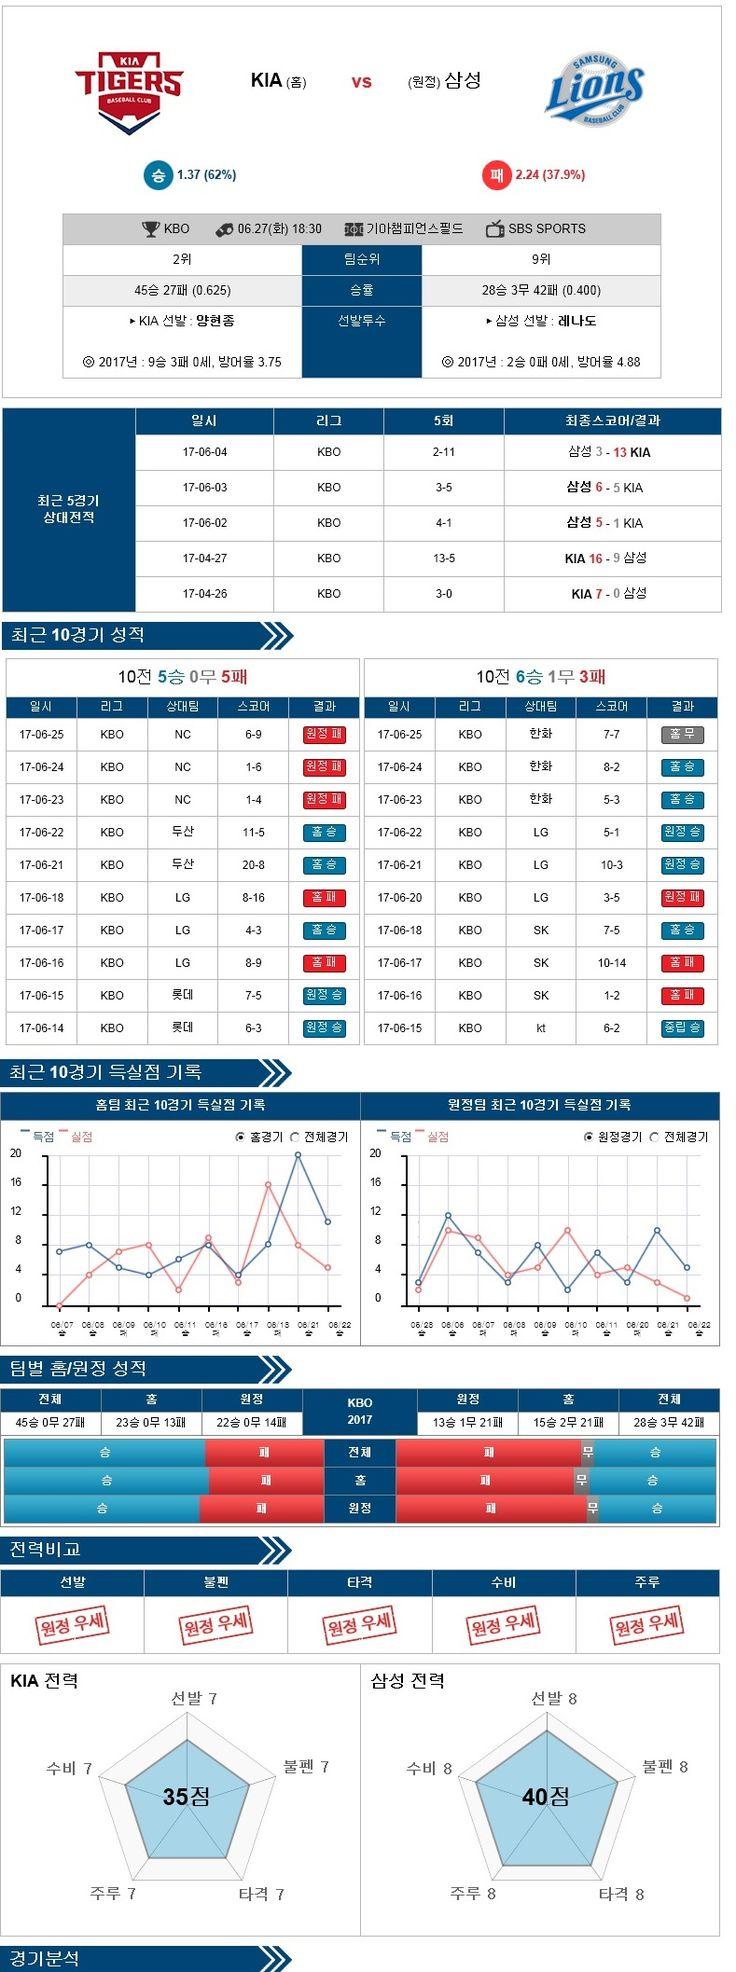 [KBO] 6월 27일 야구분석픽 KIA vs 삼성 ★토토군 분석픽★